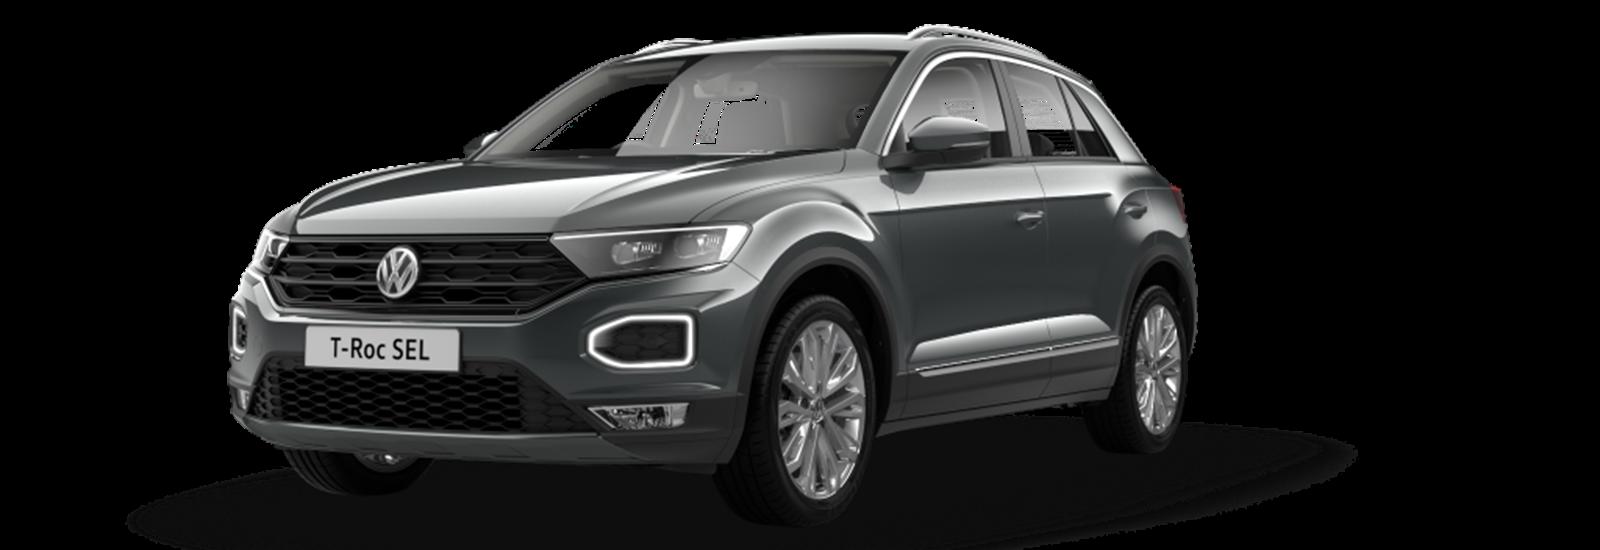 Suv Car Wash 2018 Dodge Reviews